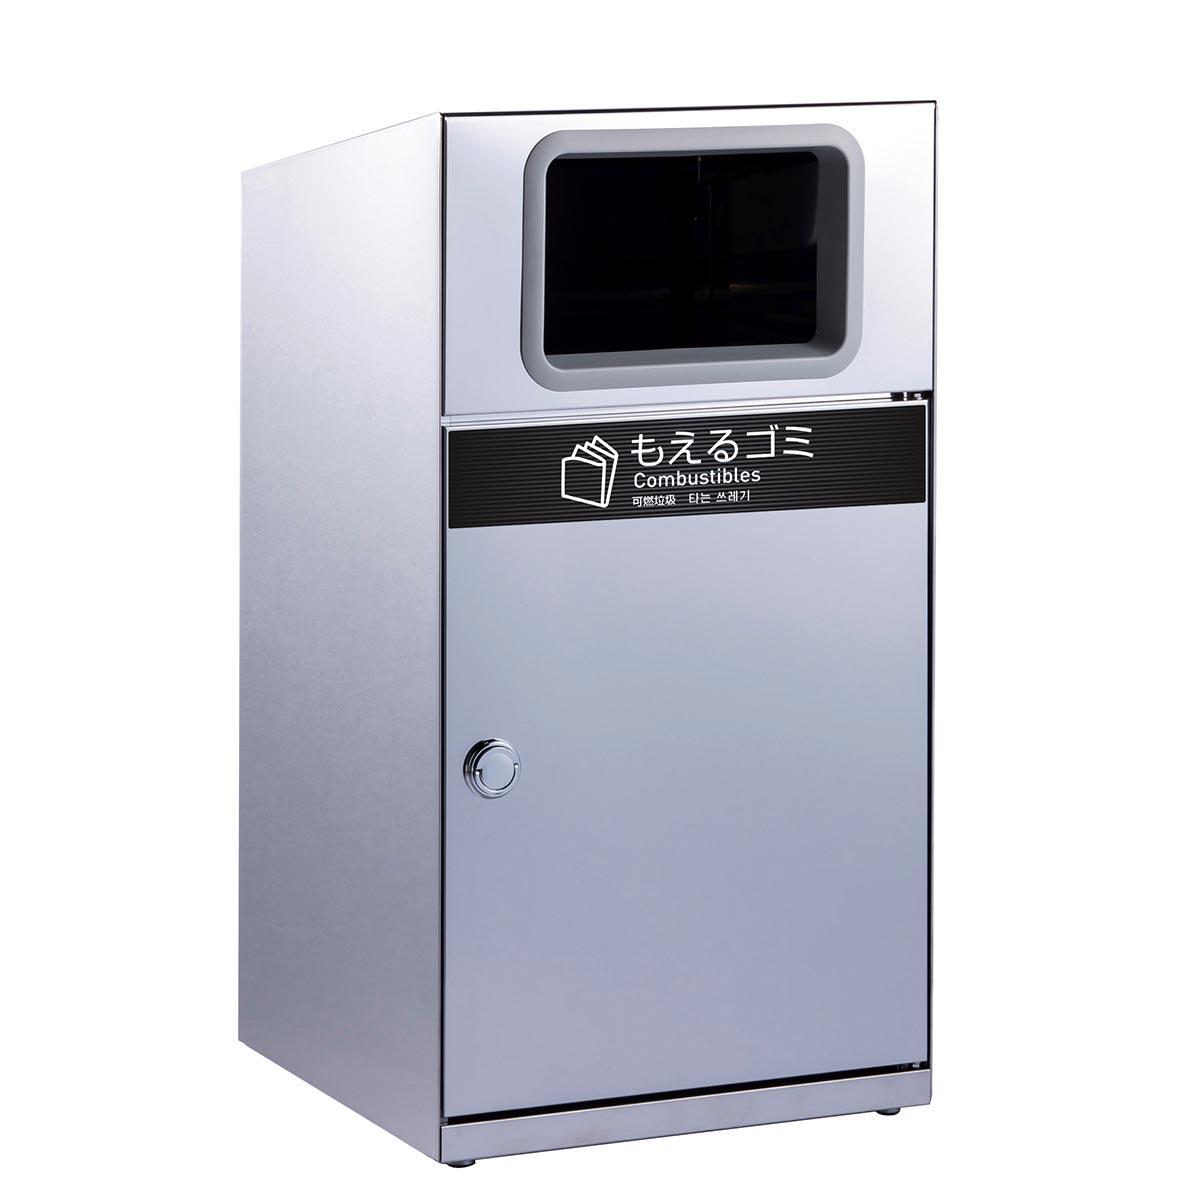 テラモト トラッシュボックス(ステン) もえるゴミ用 (代引不可) DS-189-111-0